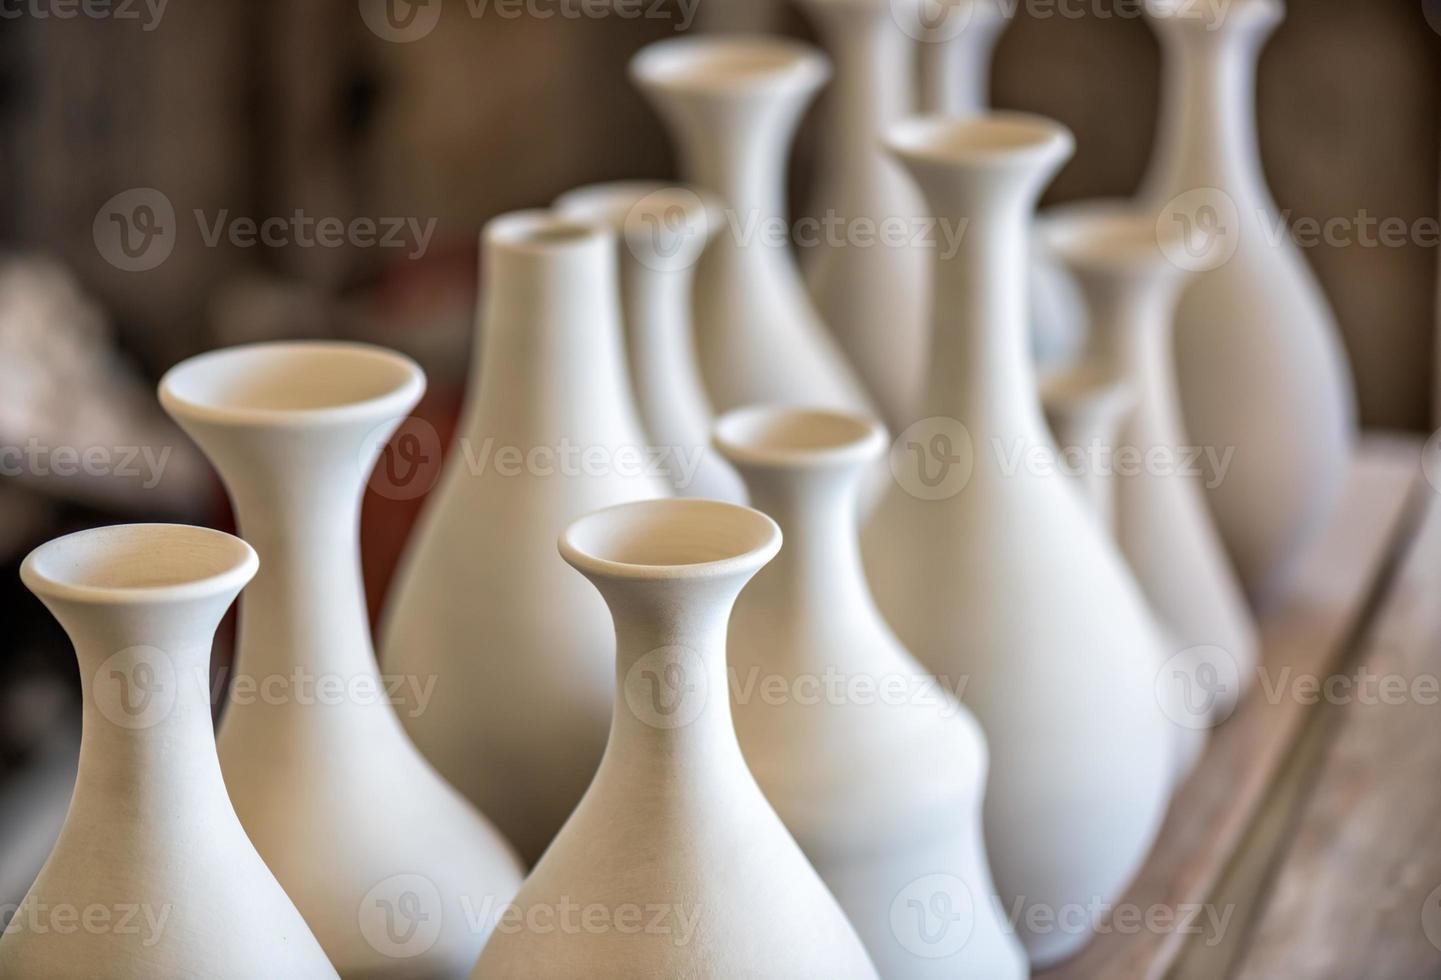 étagère avec vaisselle en céramique photo